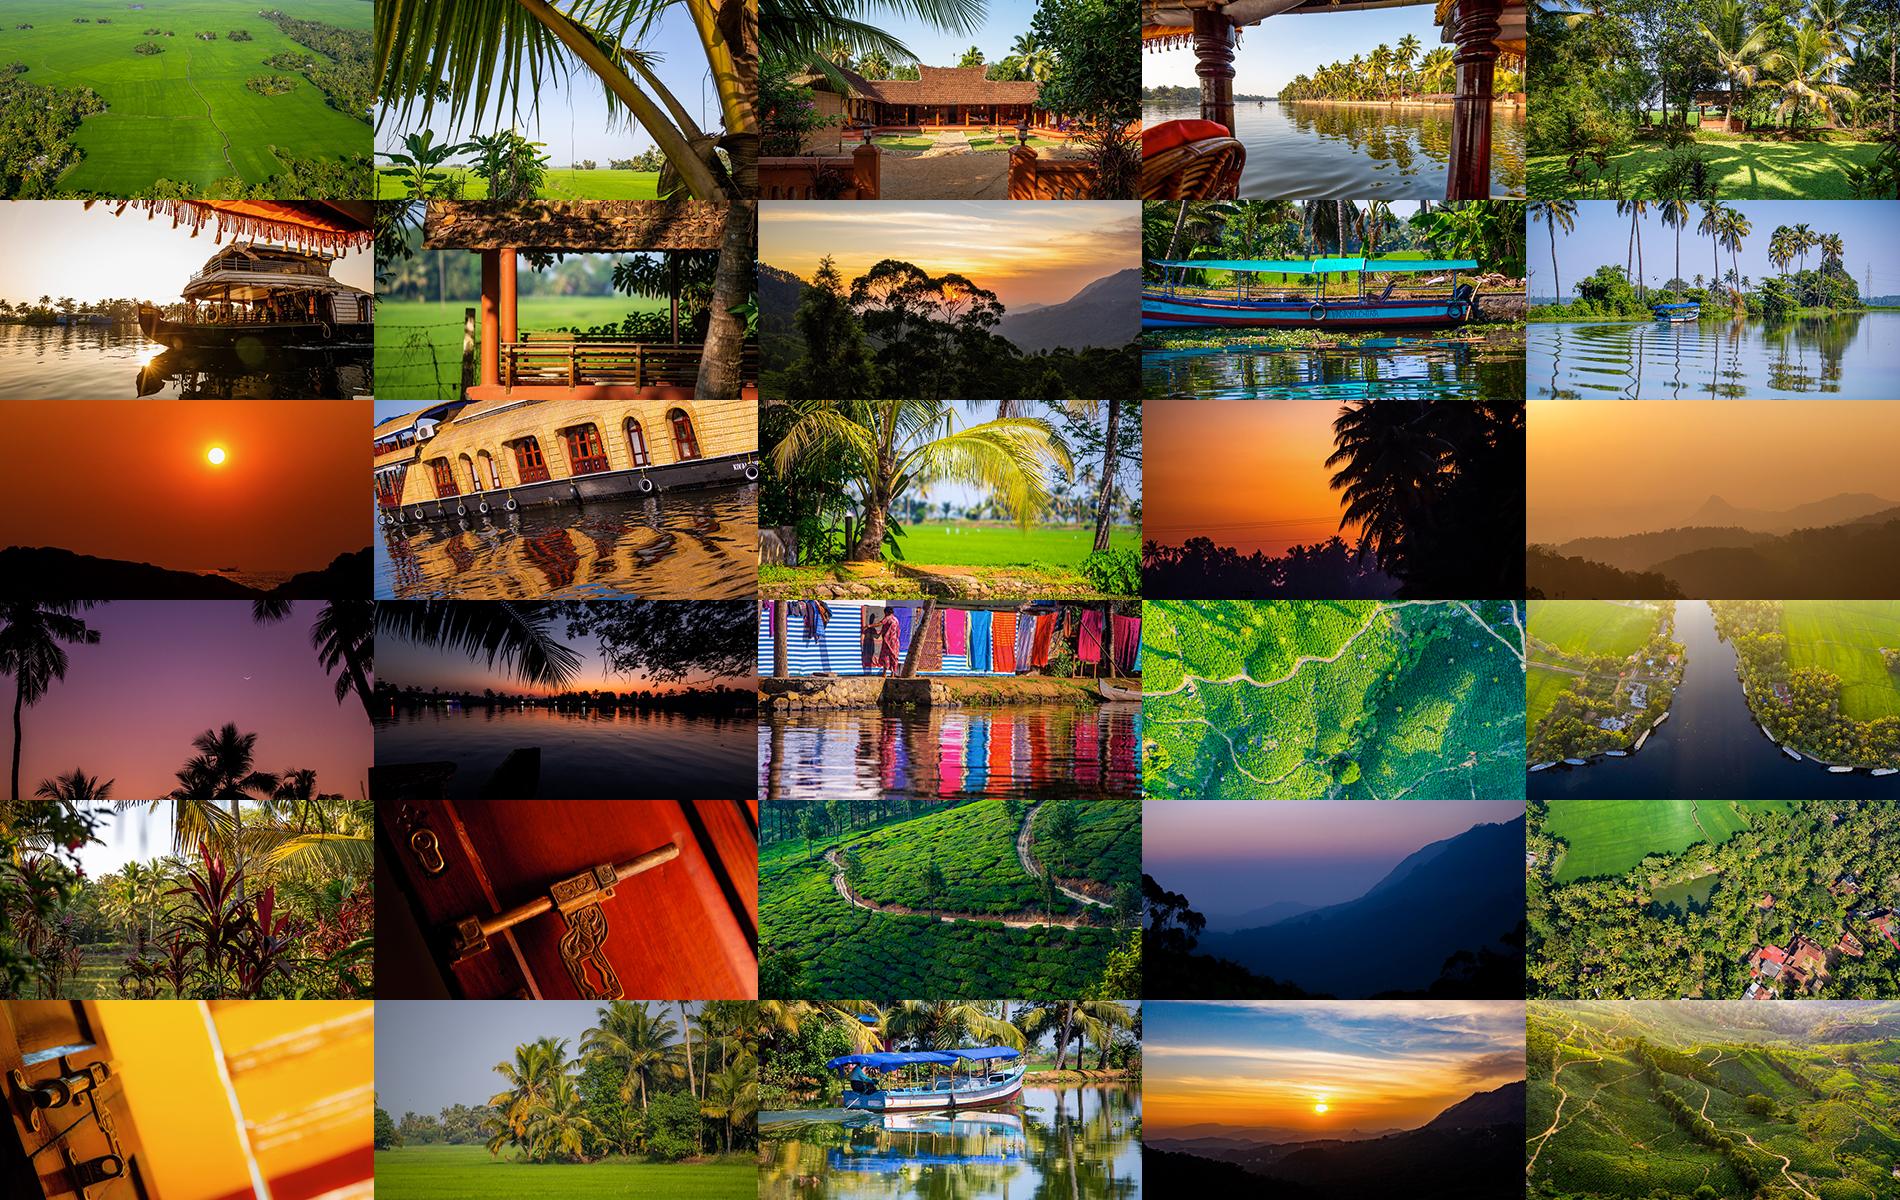 Reportage photos Kerala Inde